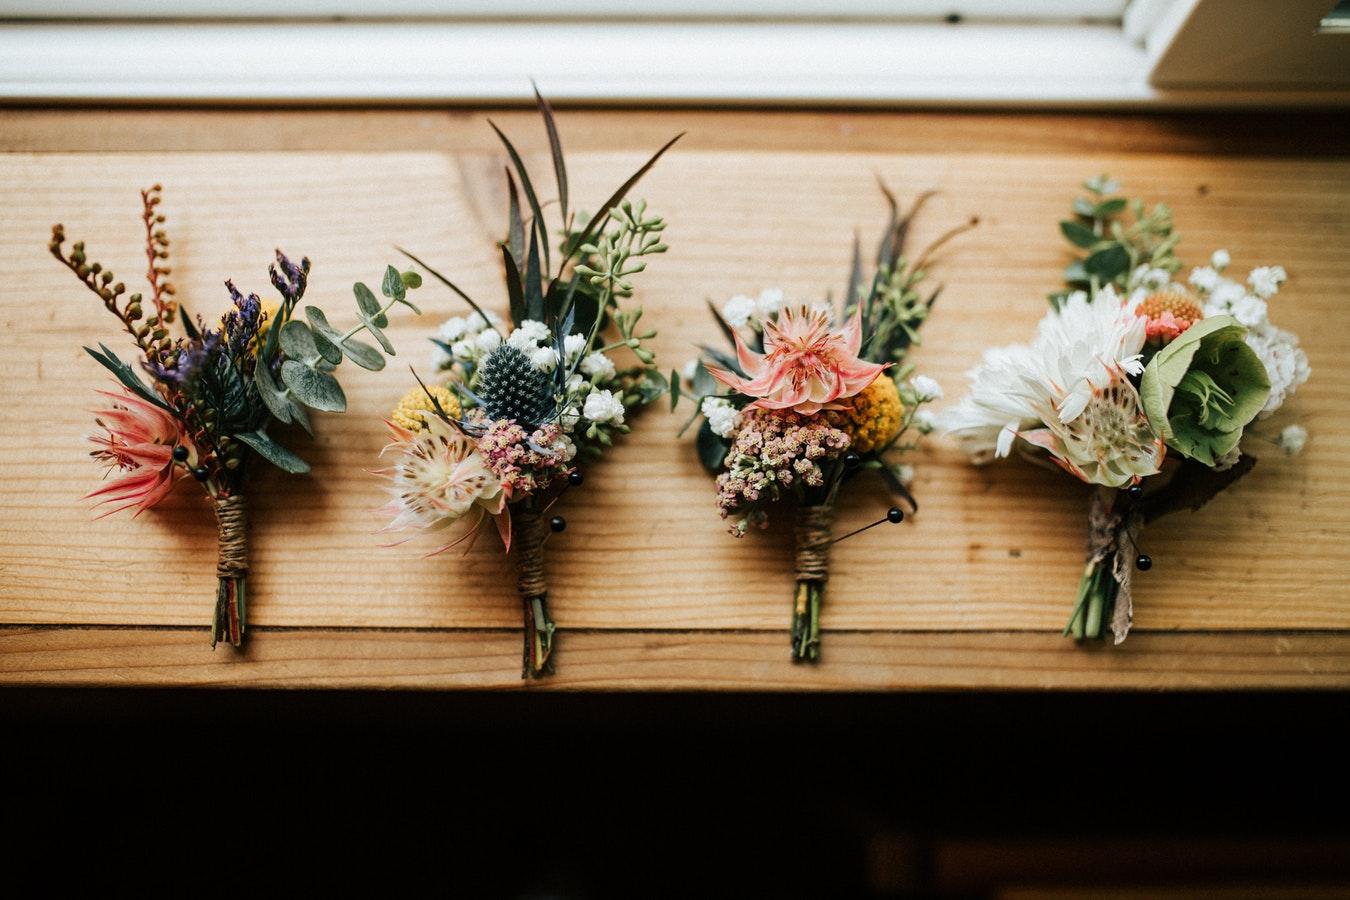 Γαμήλια Δεξίωση σε Ξενοδοχεία | RoomRack blog